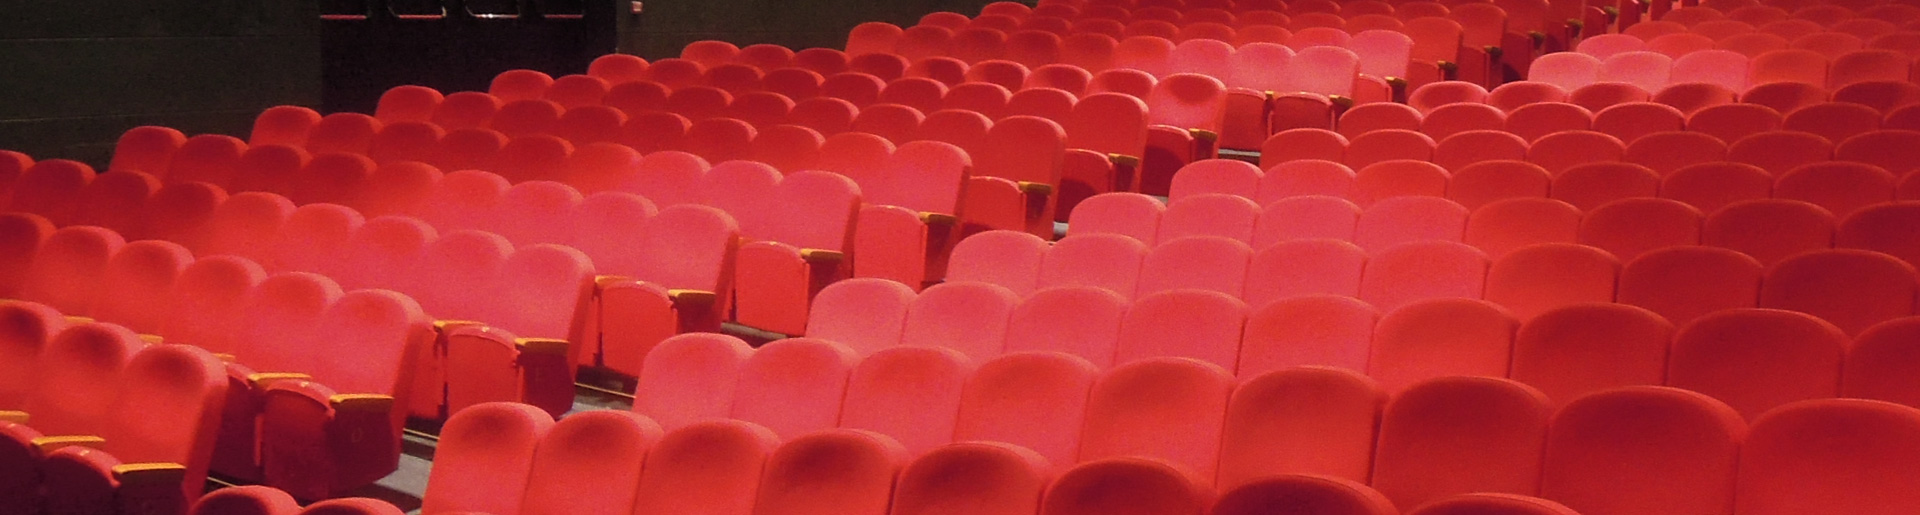 teatro-fontana-spettacoli-prosa-rassegna-scuole-72